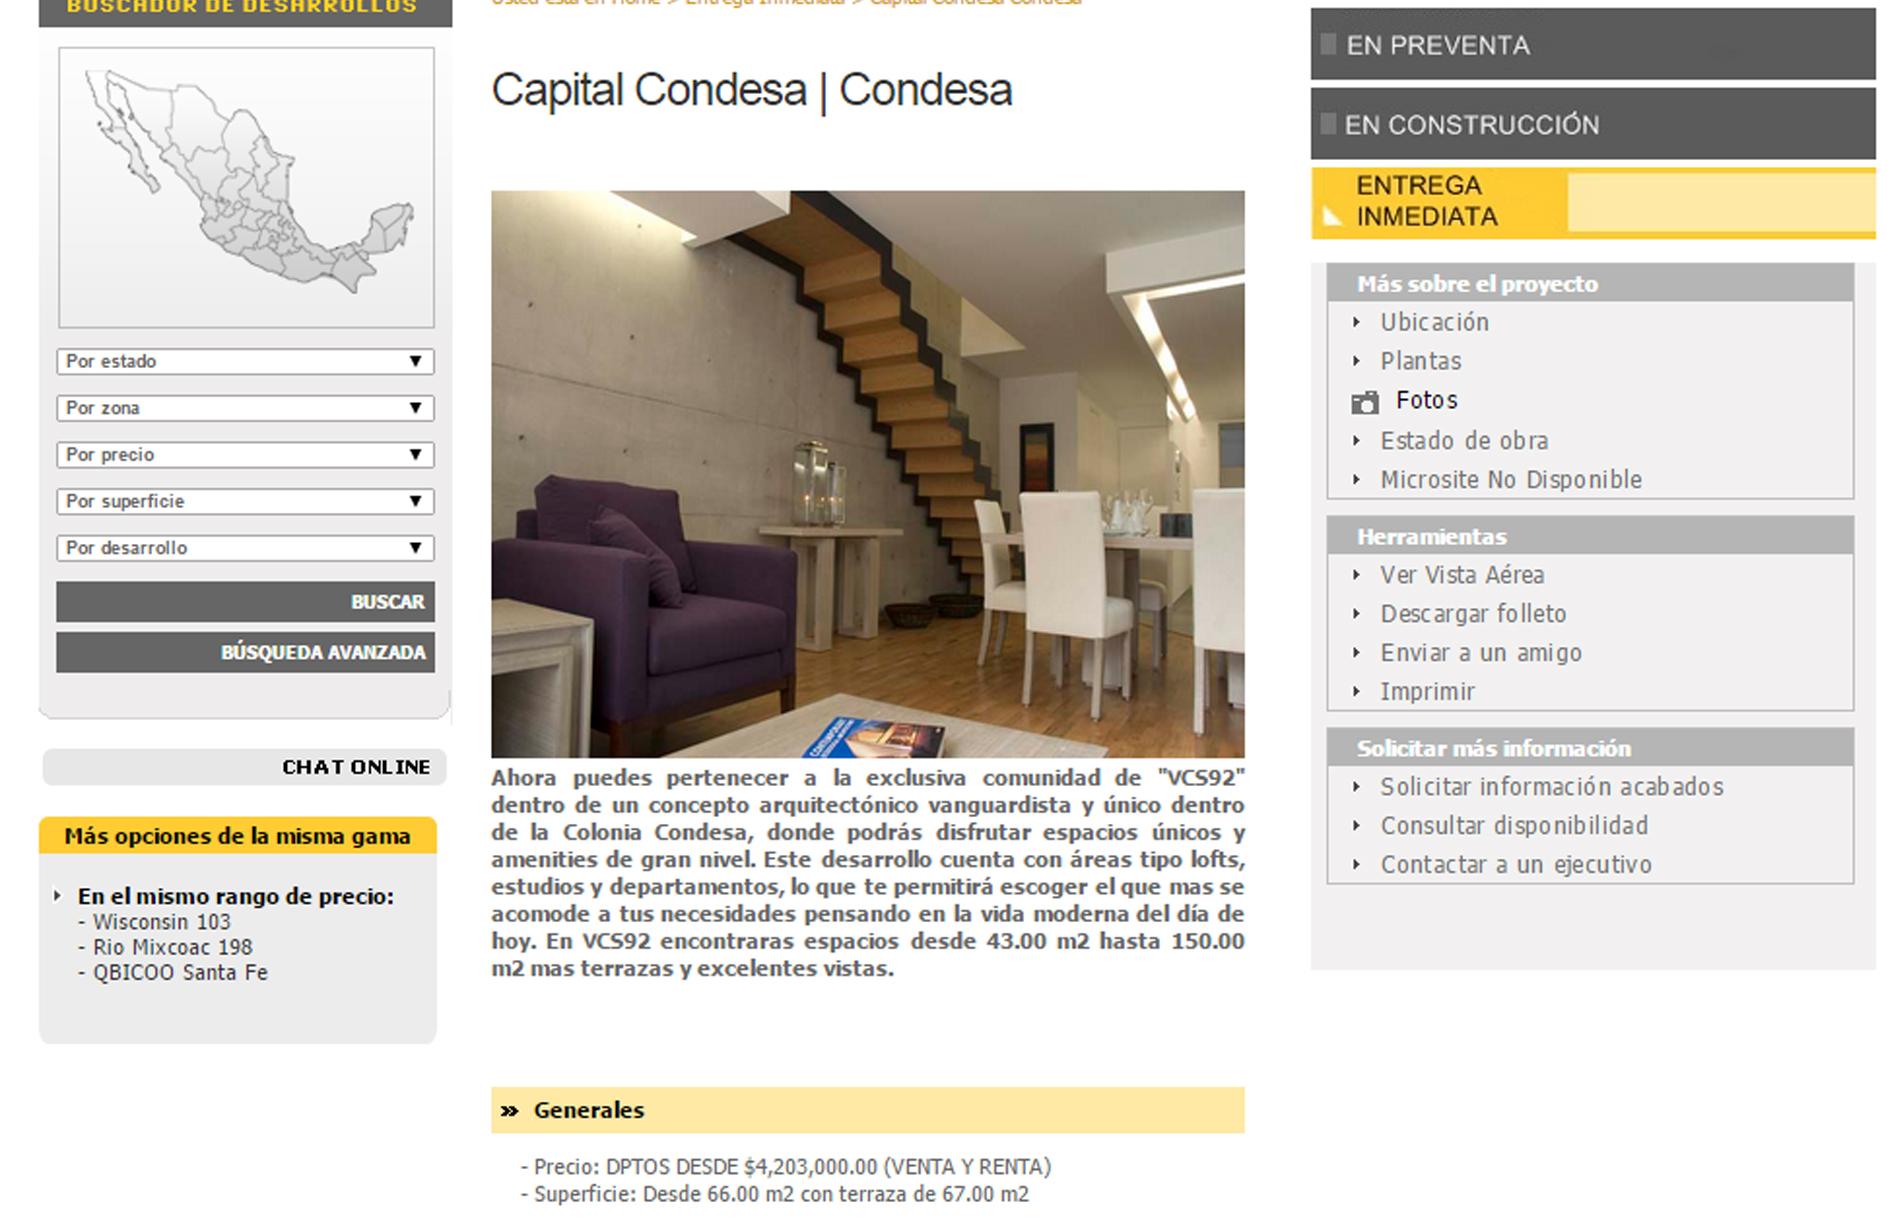 CAPITAL CONDESA precios